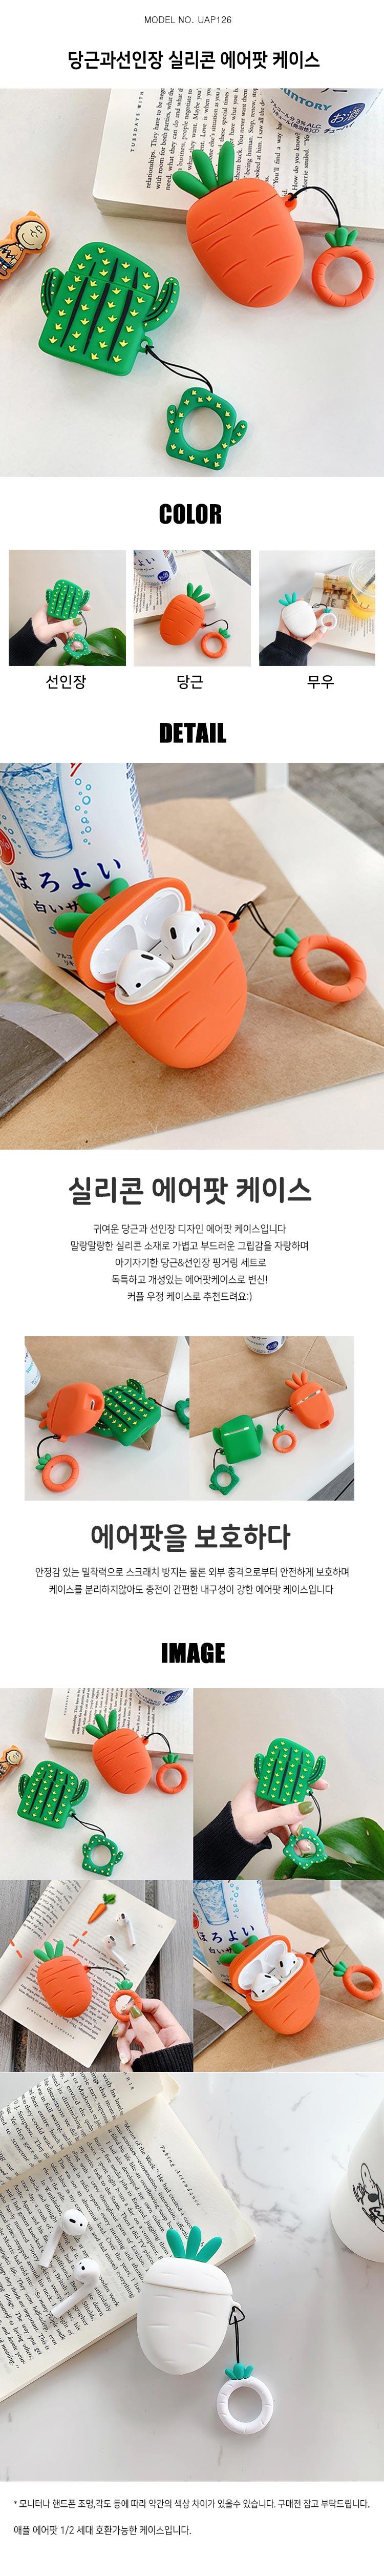 에어팟 에어팟2 케이스 당근 선인장 실리콘 키링 세트 - 유니커블, 6,000원, 이어폰, 이어폰 악세서리